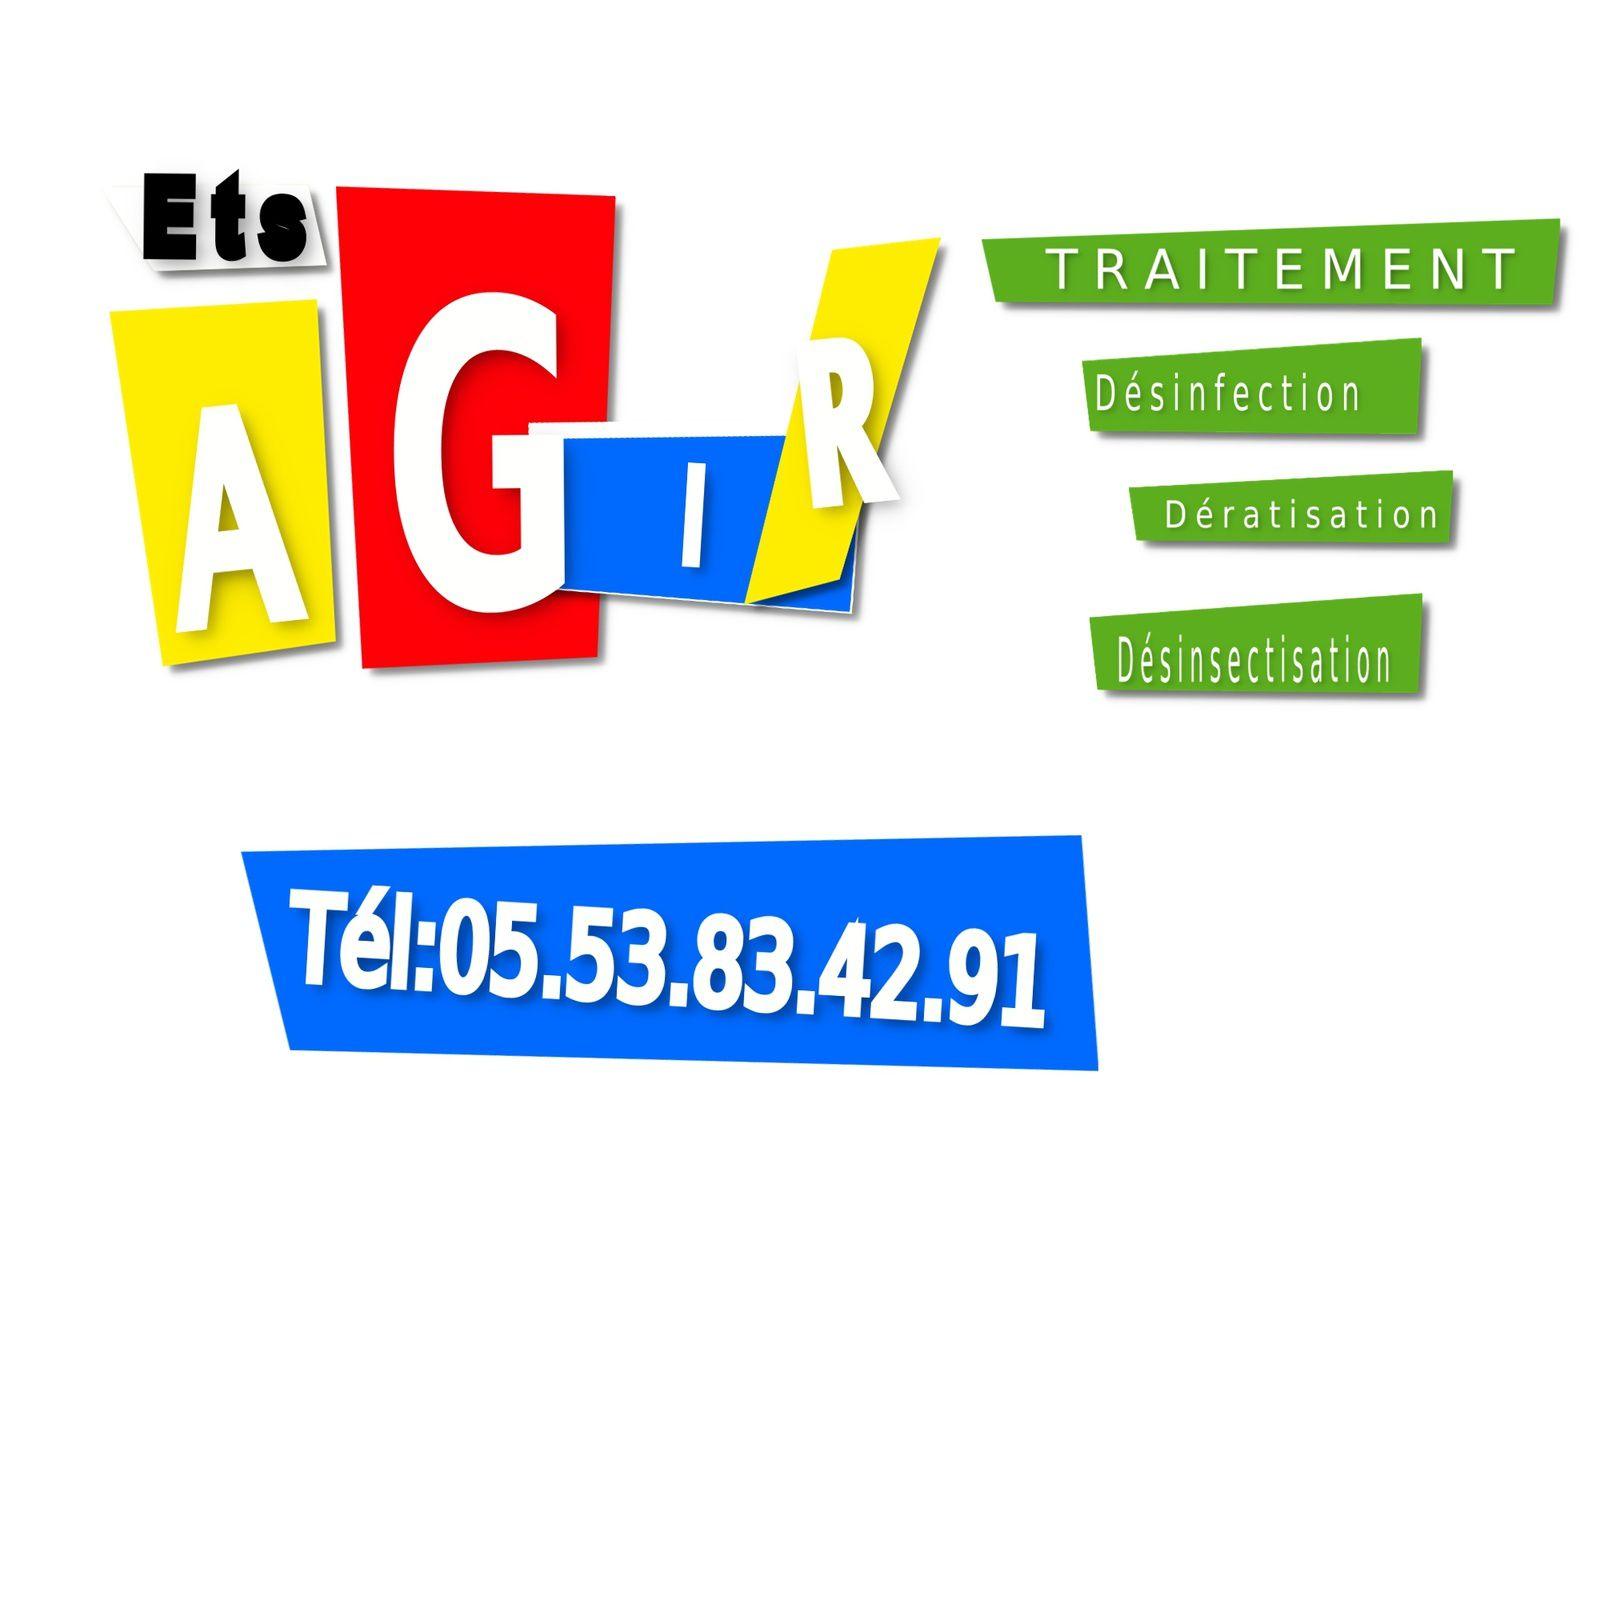 Désinsectisation, déraratisation à Agen, Mamande, Tonneins, Villeneuve-sur-lot , Lot-et-garonne 47. Ets A.G.I.R